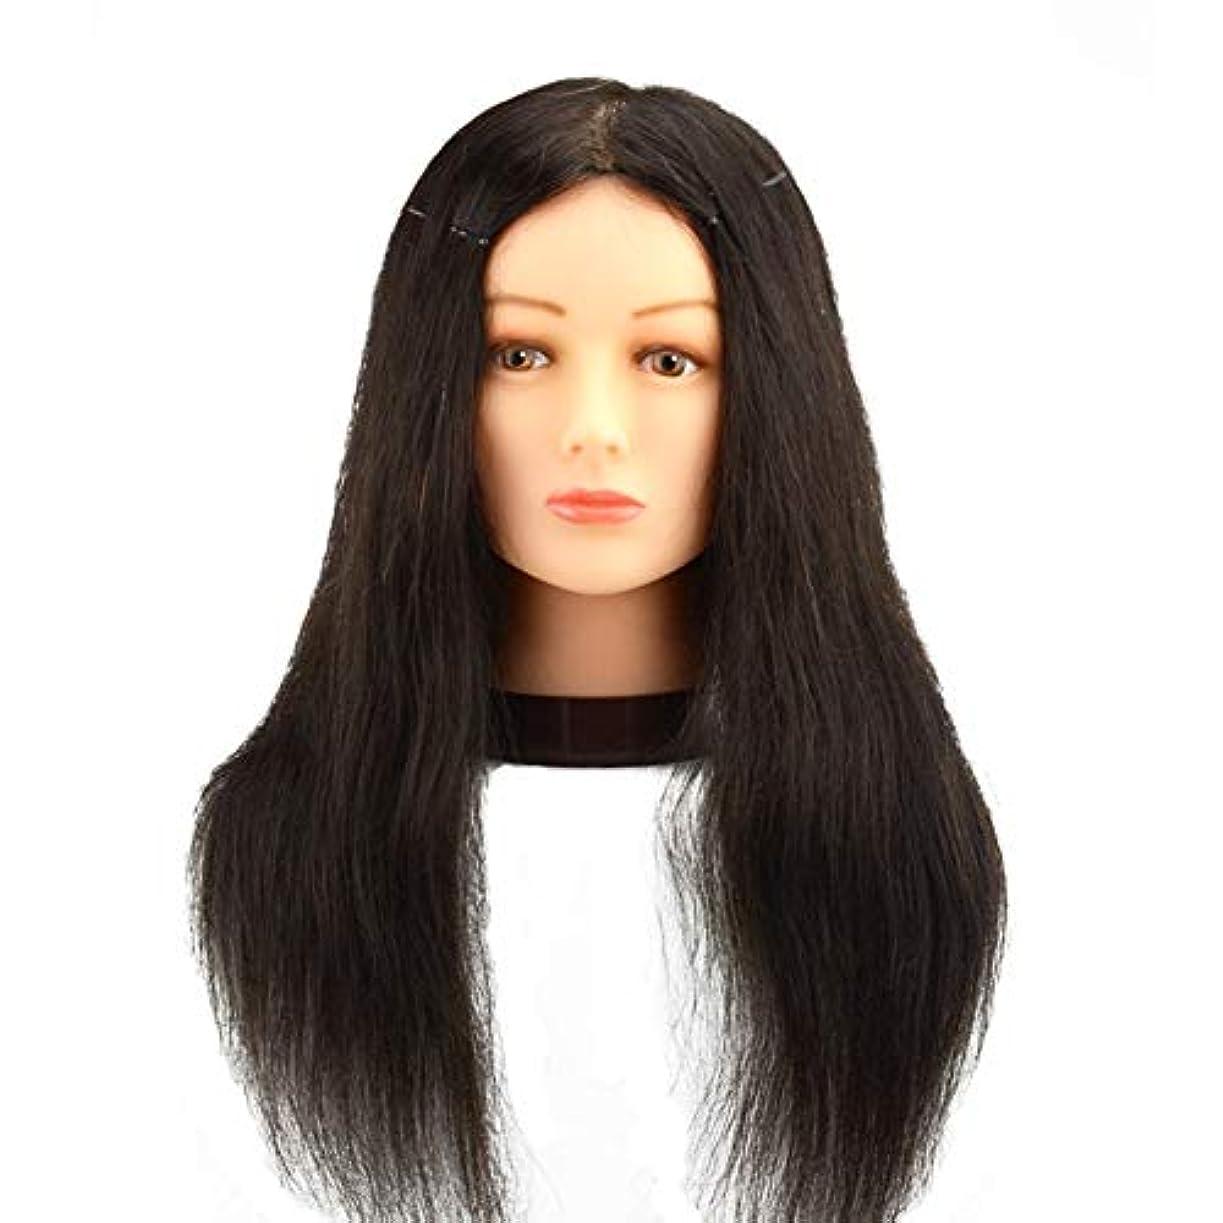 月曜拳説明する理髪店パーマ髪染め練習かつらヘッドモデルリアルヘアマネキンヘッド化粧散髪練習ダミーヘッド,20inches